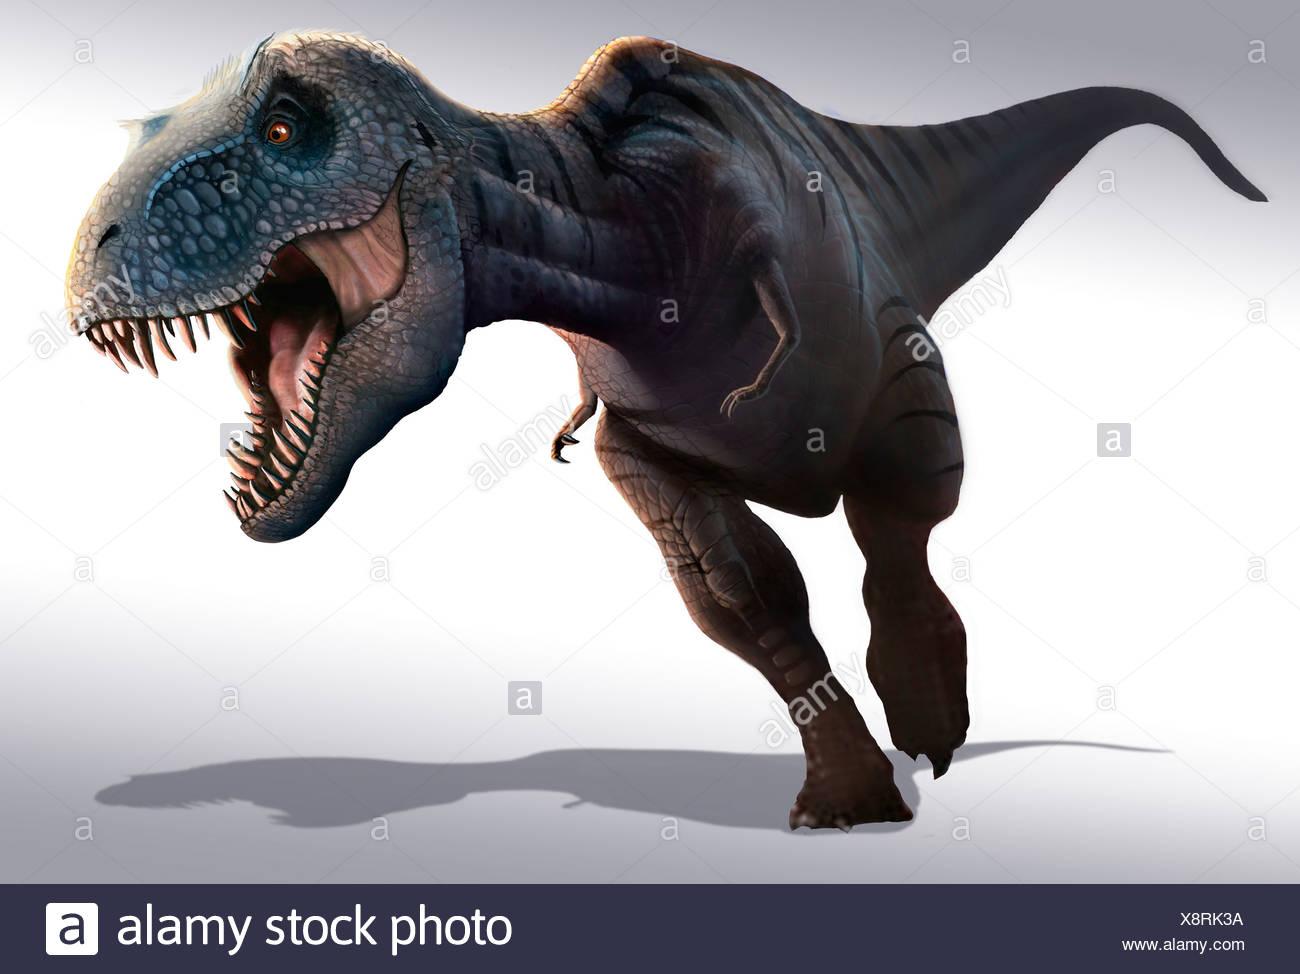 Tyrannosaurus Rex Es Posiblemente El Mas Famoso De Todos Los Dinosaurios Que Vivieron Durante Los Ultimos 5 Millones De Anos Del Periodo Cretaceo Fotografia De Stock Alamy La palabra dinosaurio significa «lagarto terrible»… a pesar de que estos animales prehistóricos tenían una apariencia impactante, lo cierto es que sabiendo que están extinguidos y disfrutando de las. https www alamy es tyrannosaurus rex es posiblemente el mas famoso de todos los dinosaurios que vivieron durante los ultimos 5 millones de anos del periodo cretaceo image280803022 html